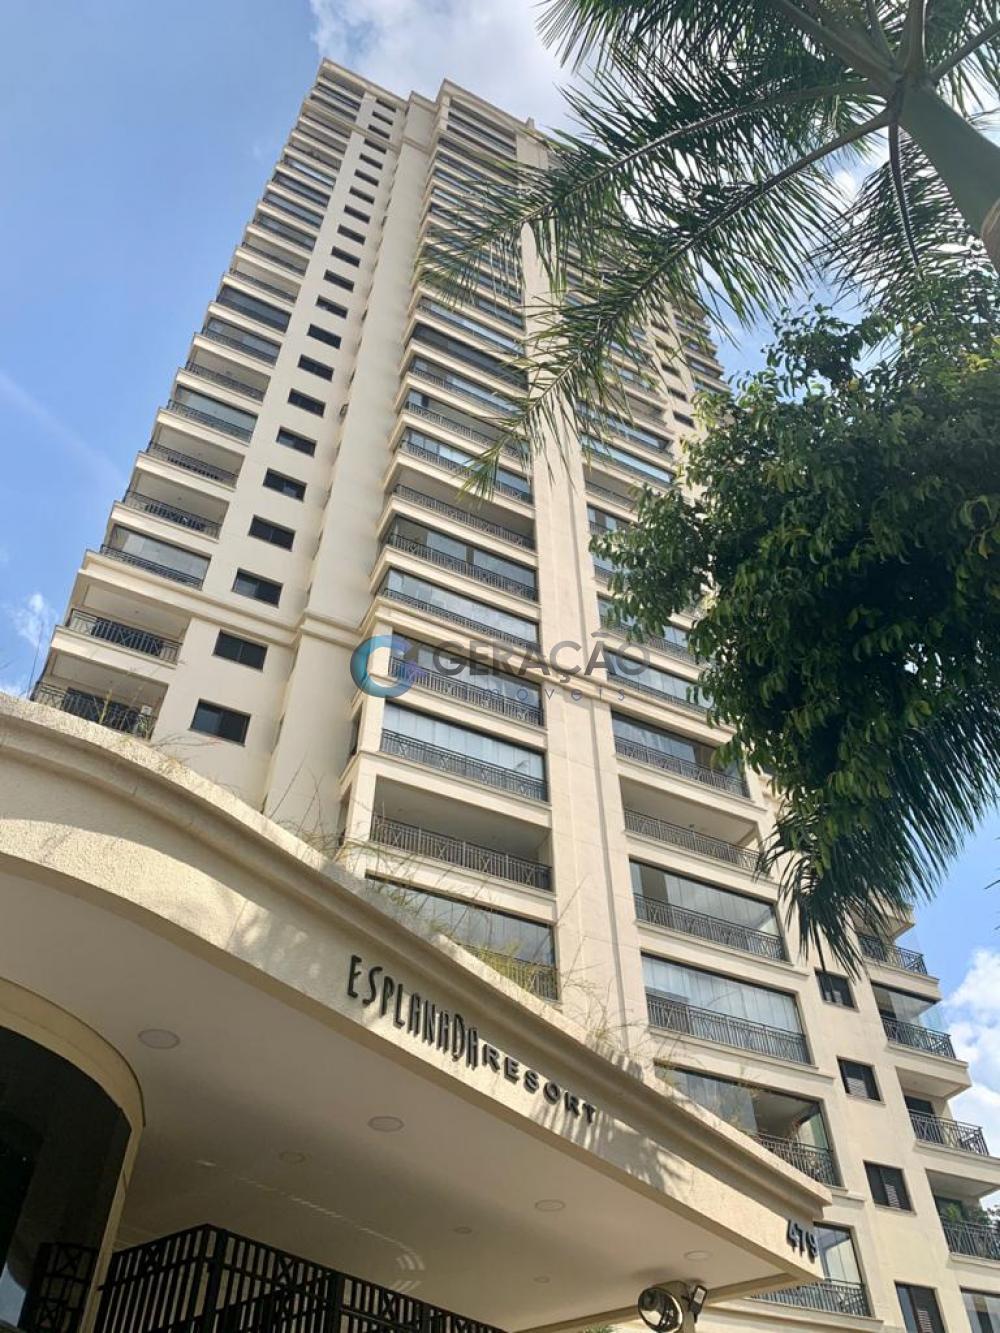 Comprar Apartamento / Padrão em São José dos Campos R$ 860.000,00 - Foto 1